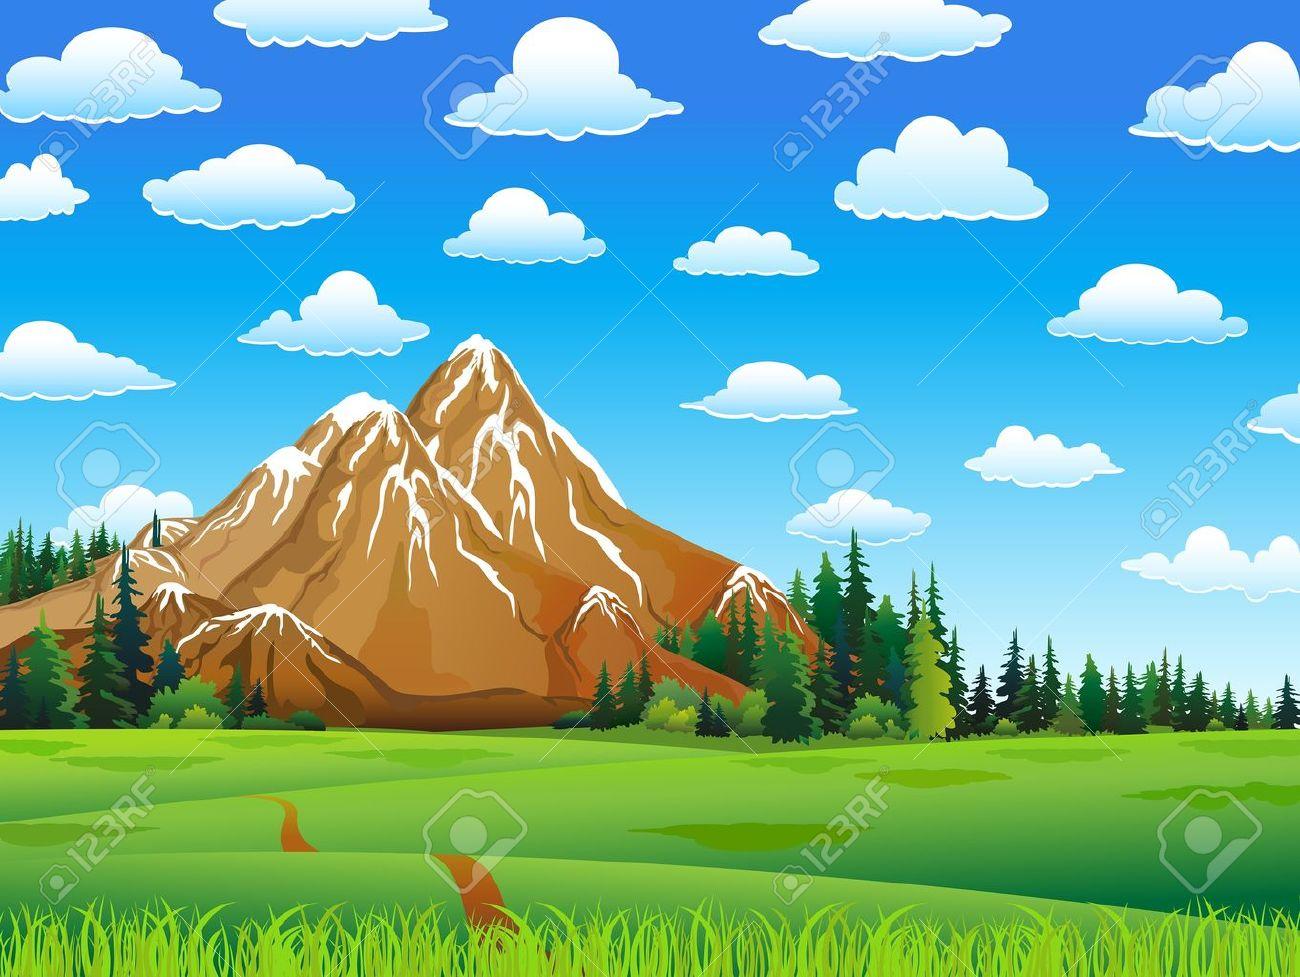 Mountain Meadow Clip Art.